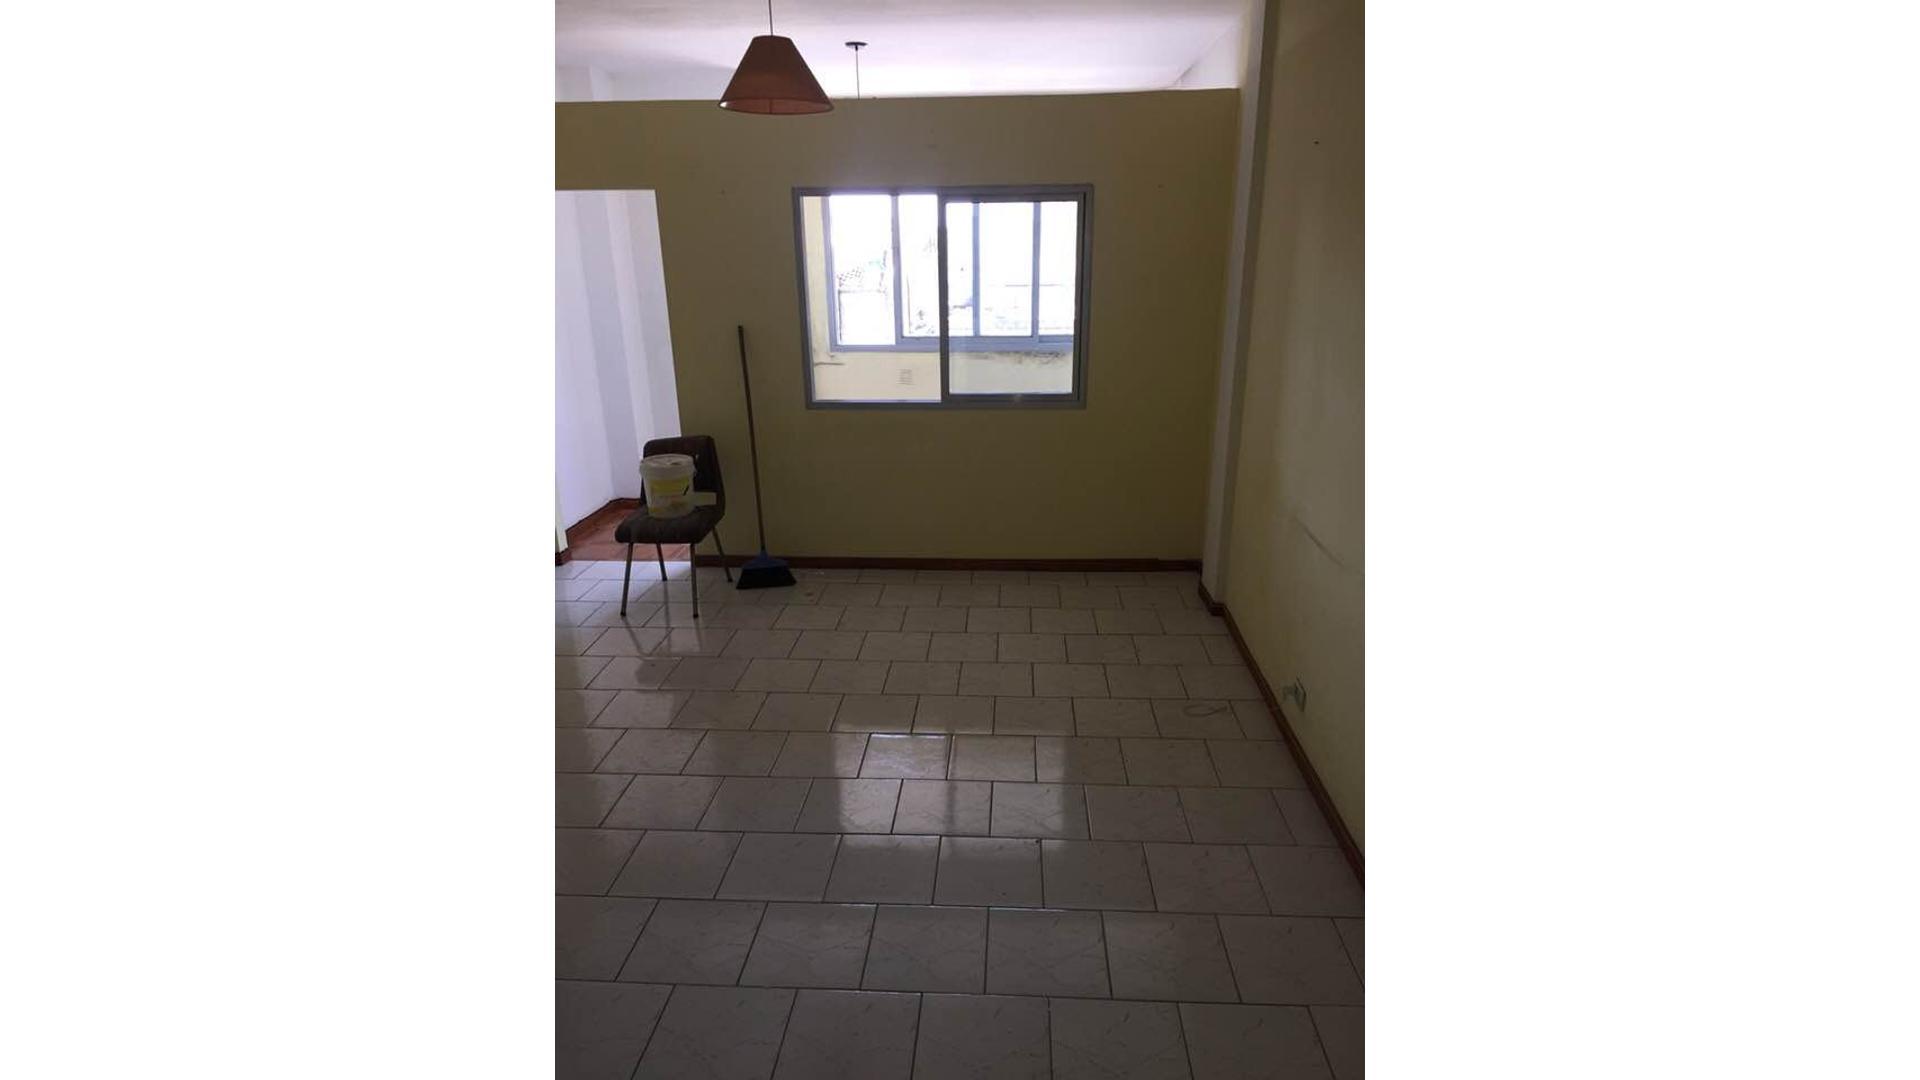 Hermoso departamento de 2 ambientes ubicado en un 3er piso por escalera, a metros de V. Sarsfield